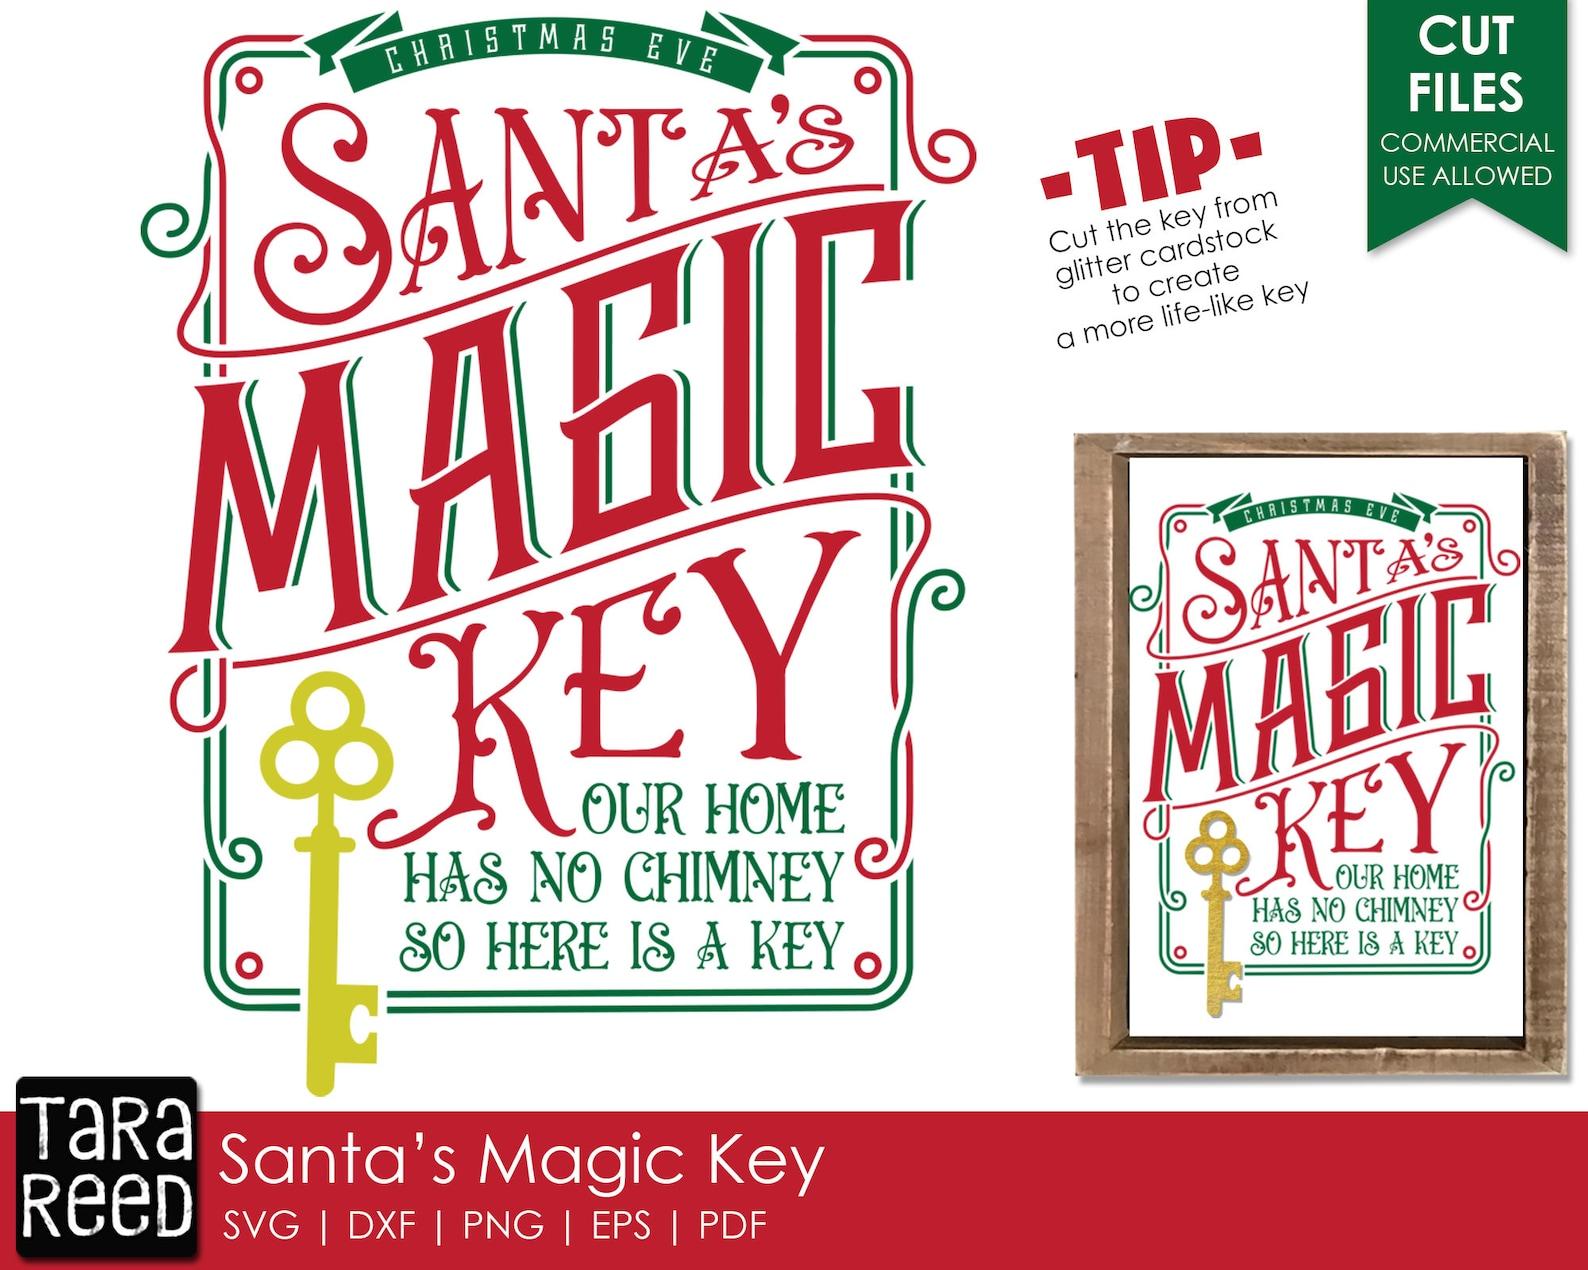 3D Santa's Magic Key Layered Paper Cut Design by Tara Reed